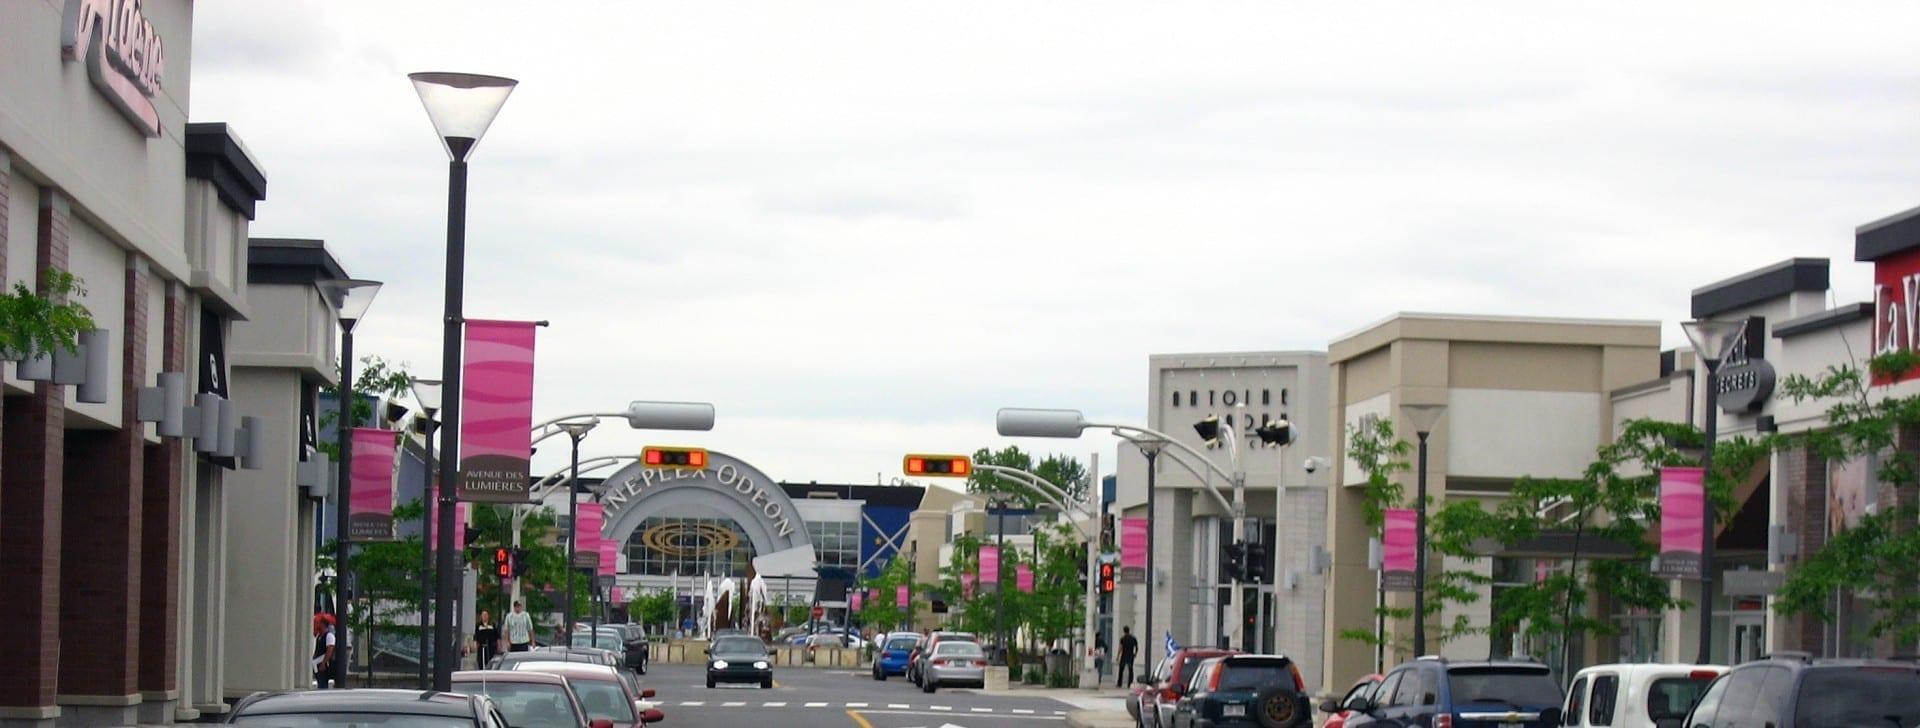 Tiendas en Quartier Dix30 Brossard Canadá